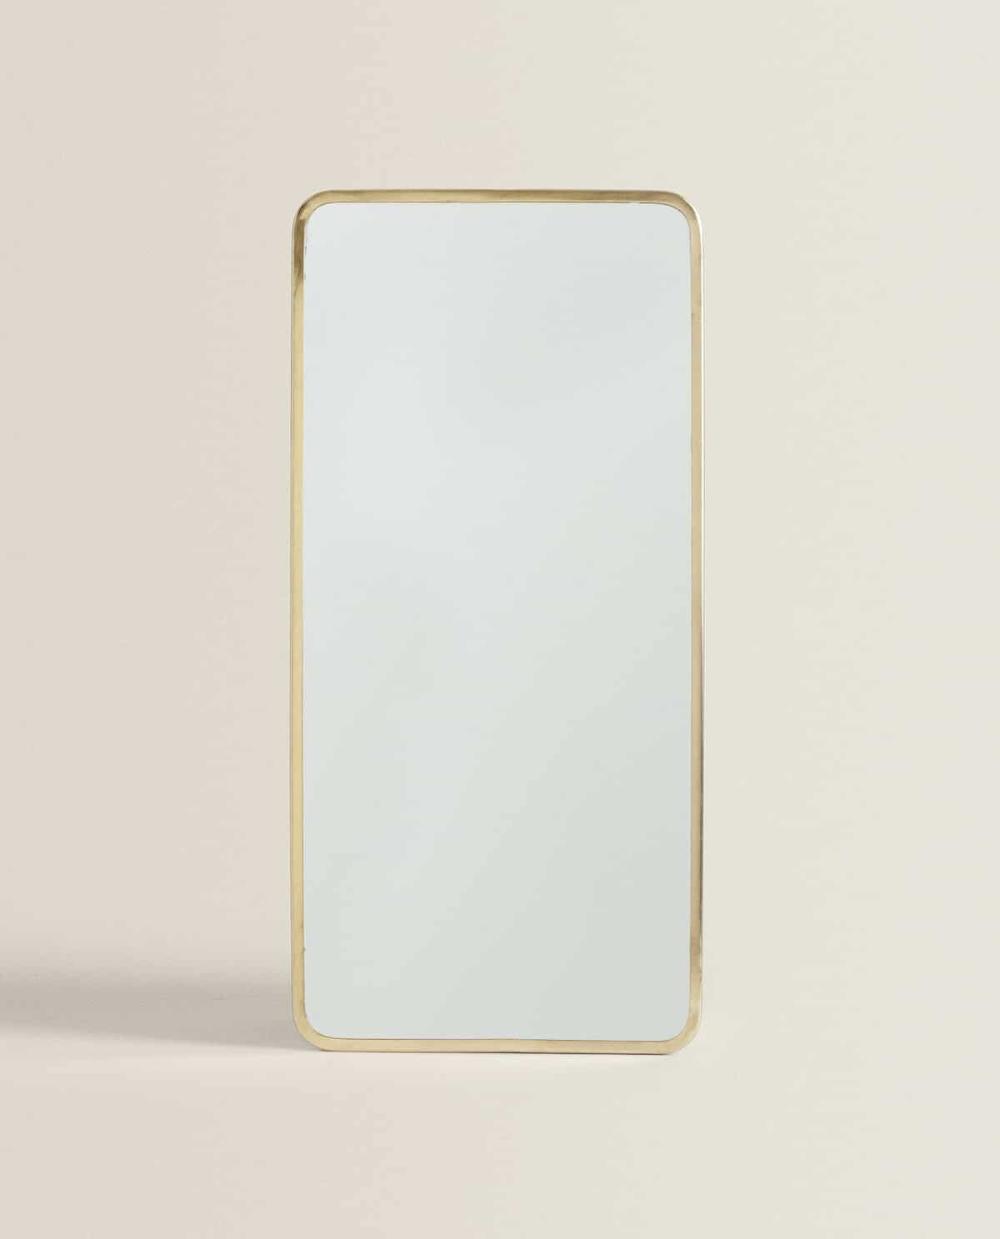 Goudgele Rechthoekige Spiegel In 2020 Spiegel Badkamer Spieg